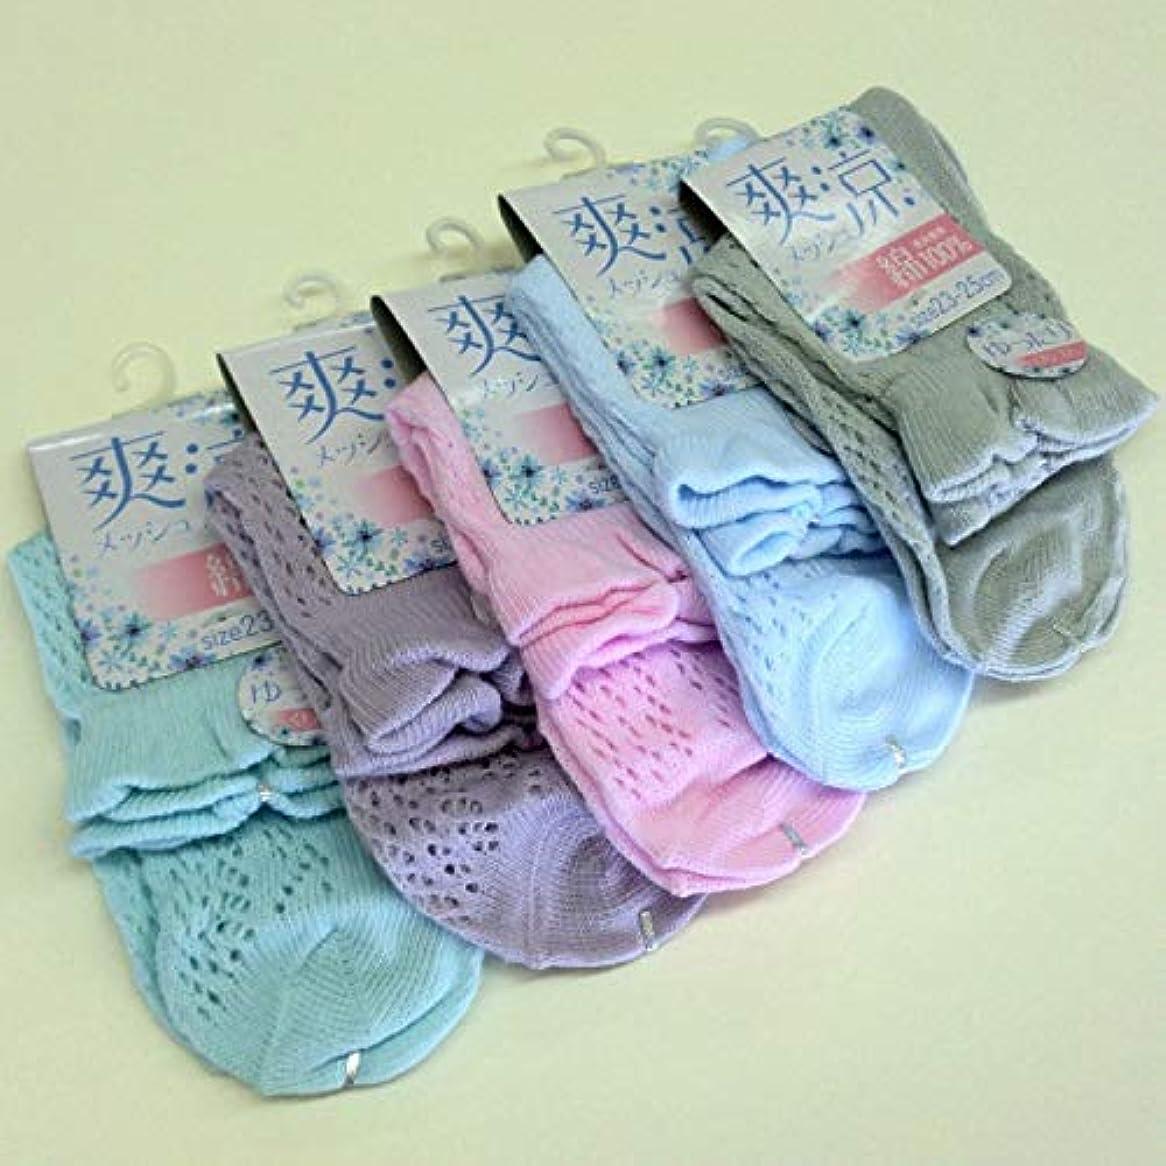 もし靴下武器靴下 レディース 夏 表糸綿100% 涼しいルミーソックス セット 5色5足組